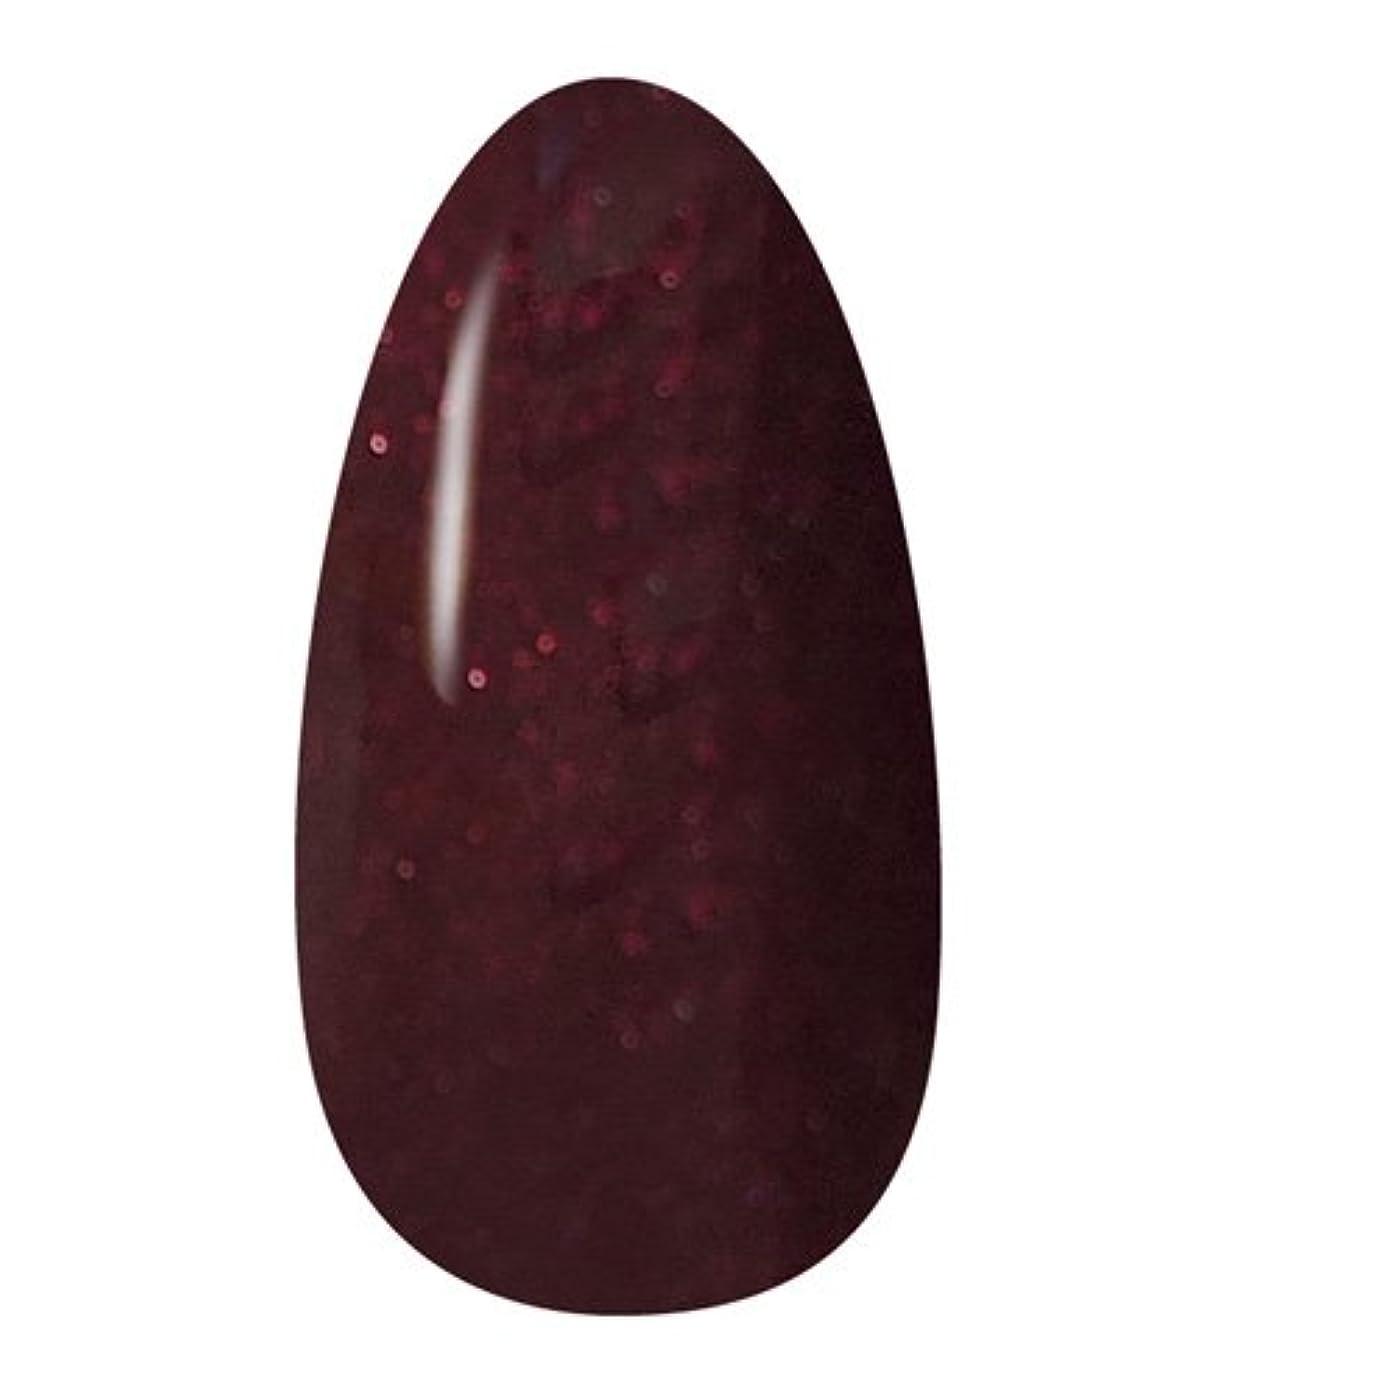 想定スリッパ合併症CherryDayネイルポリッシュ #260 ギャラクシーレッド 8mL